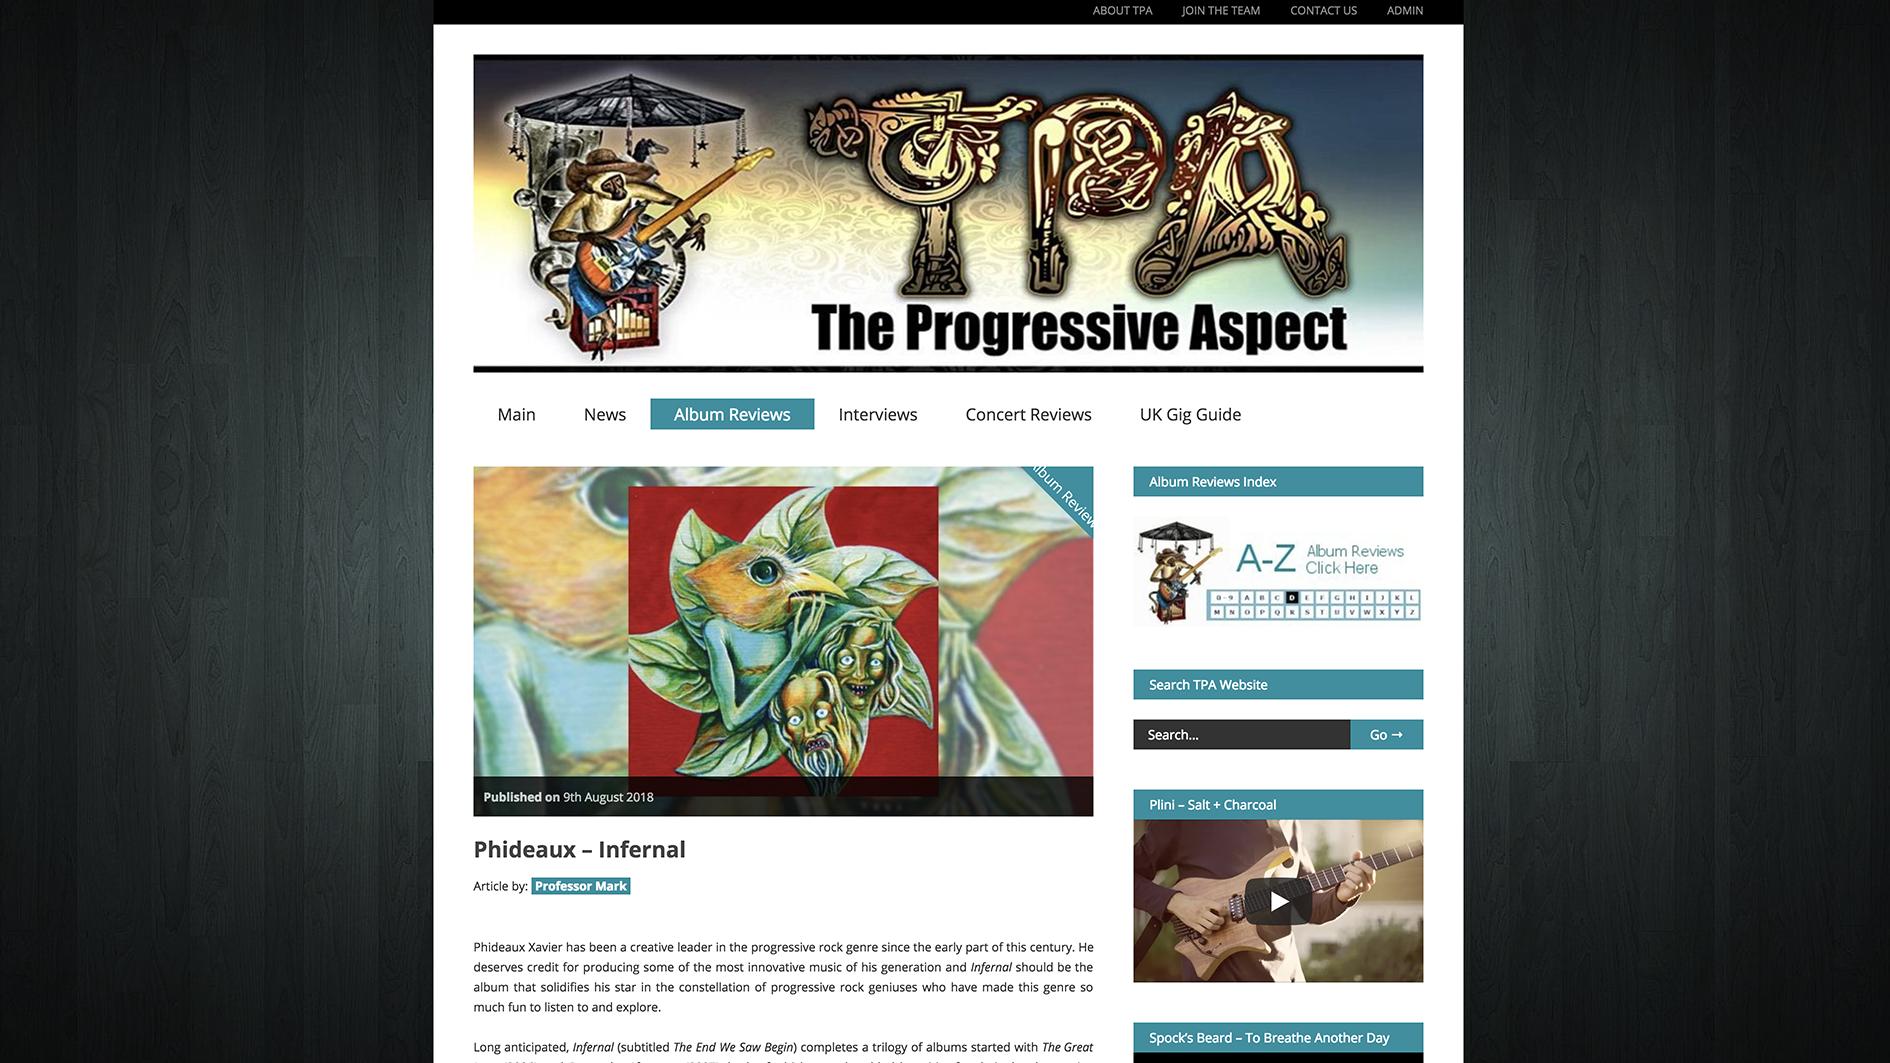 The Progressive Aspect